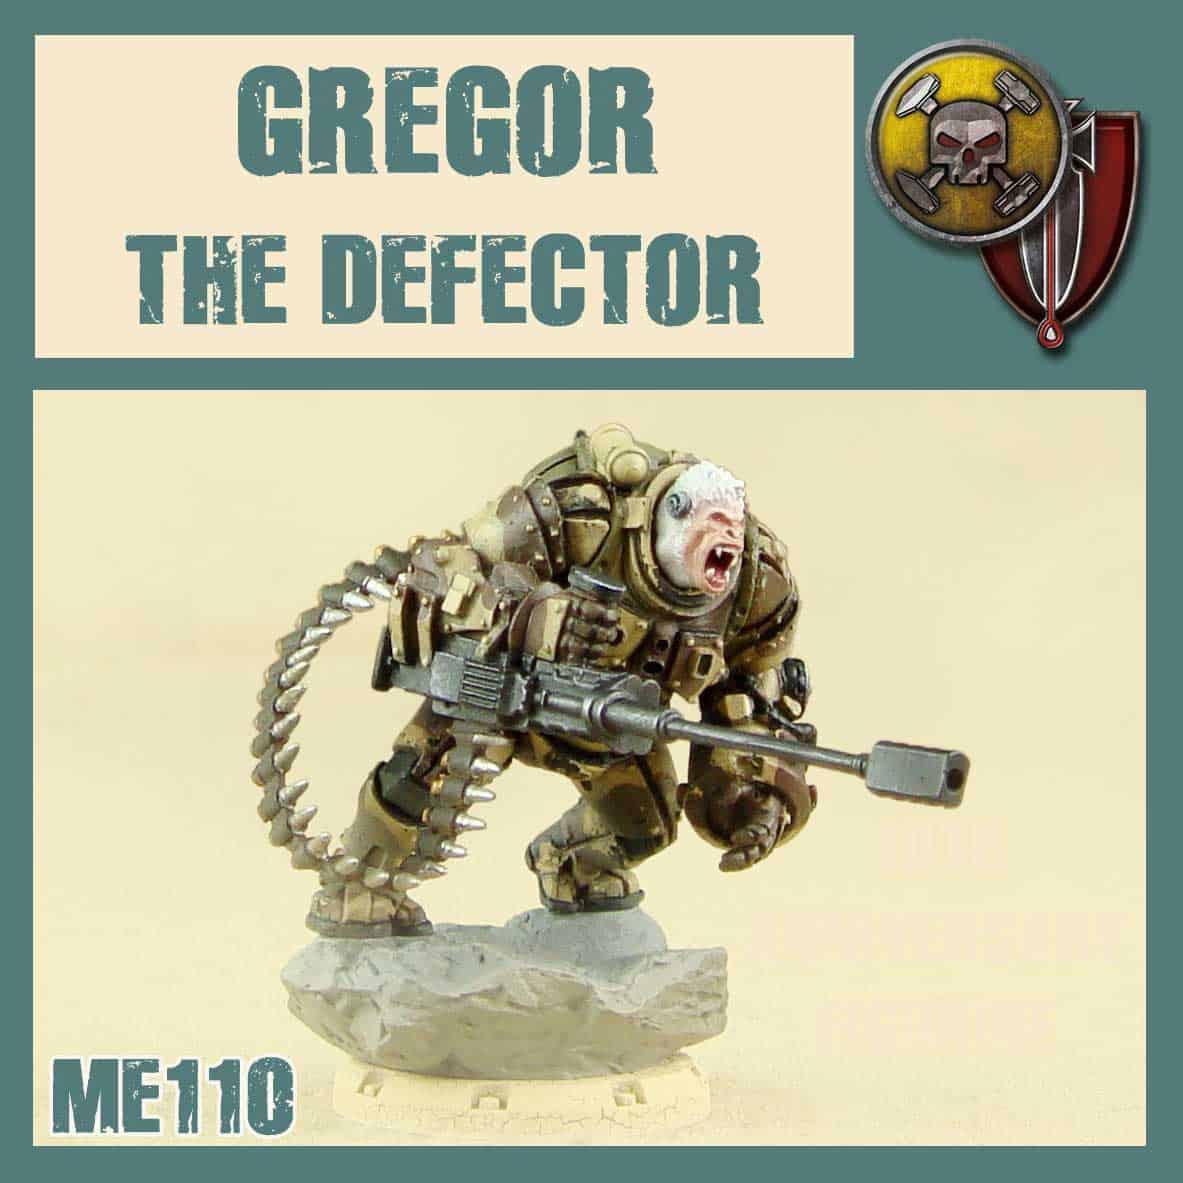 GREGOR THE DEFECTOR